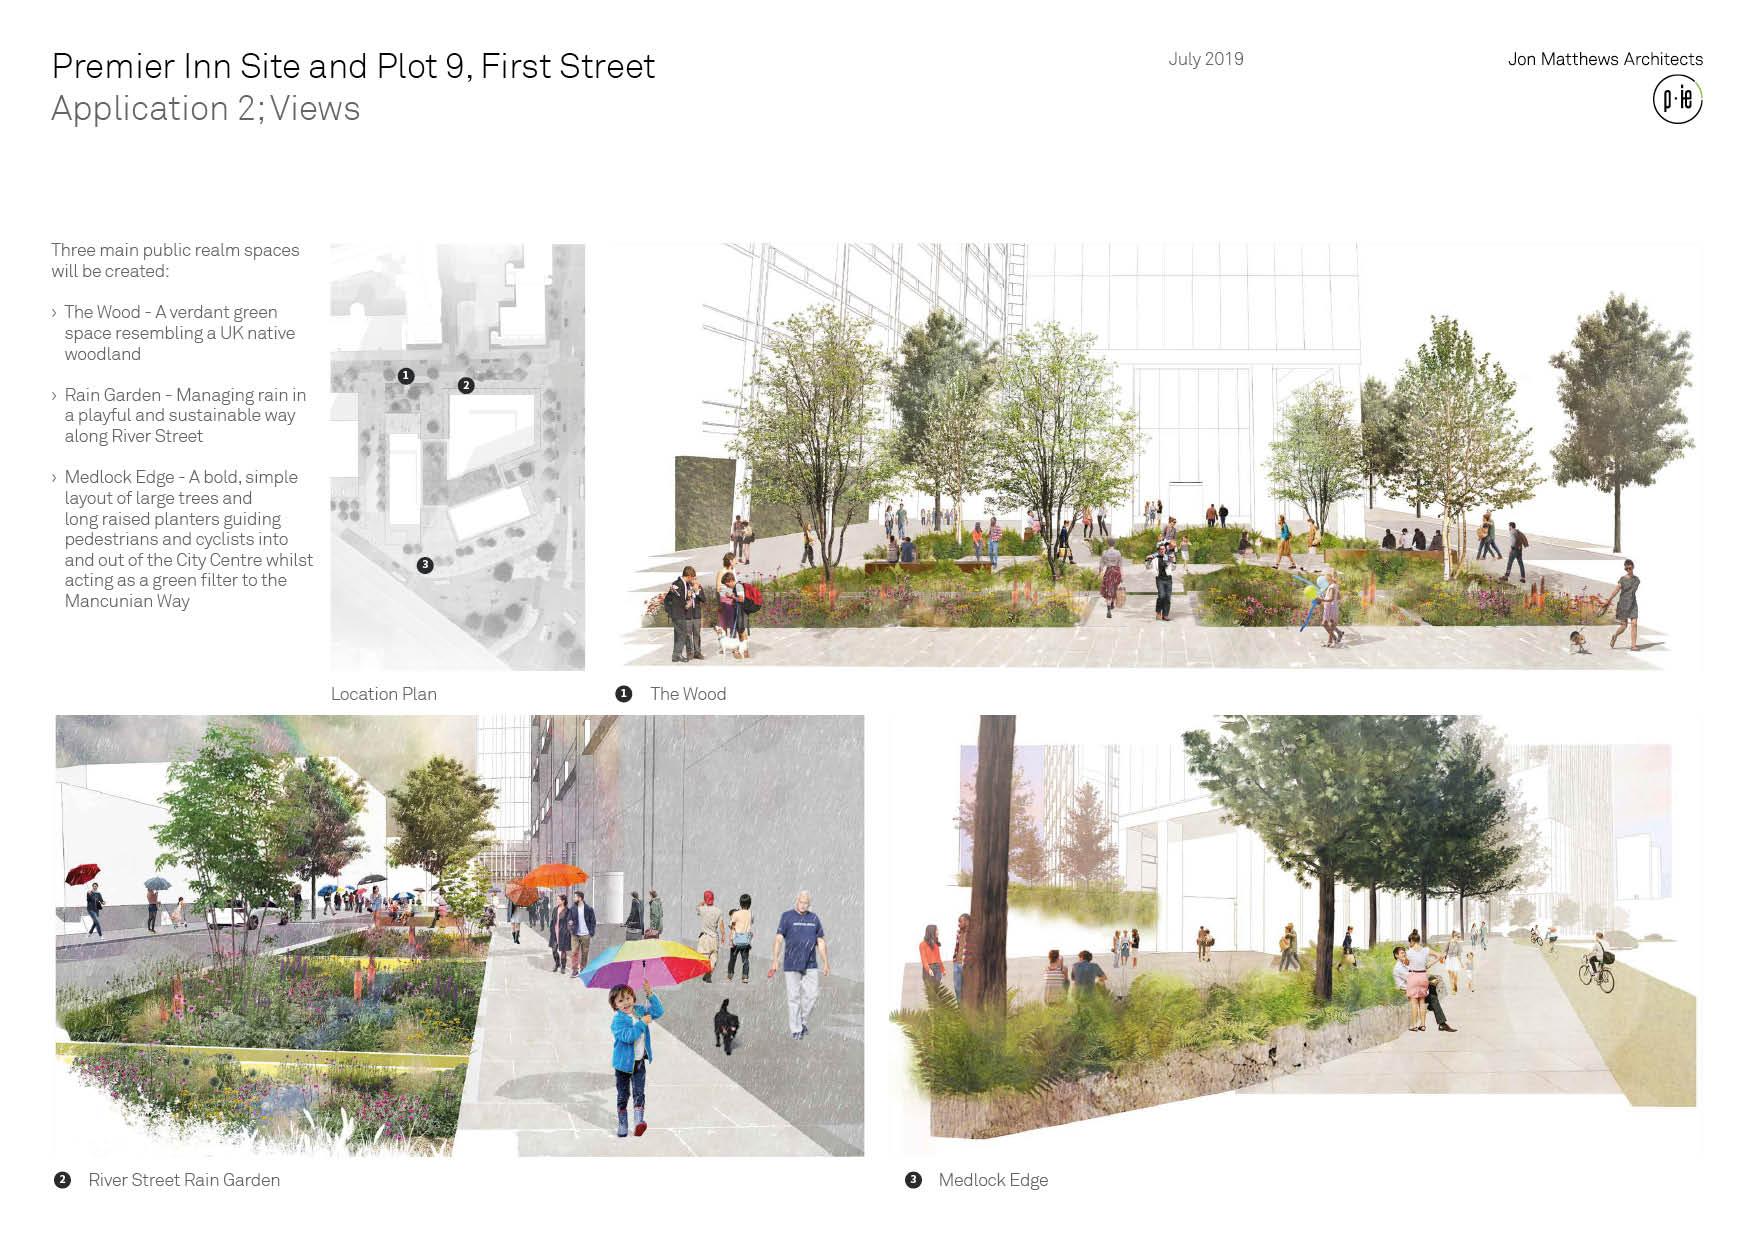 first_street_premier_inn_plot_9_6.jpg